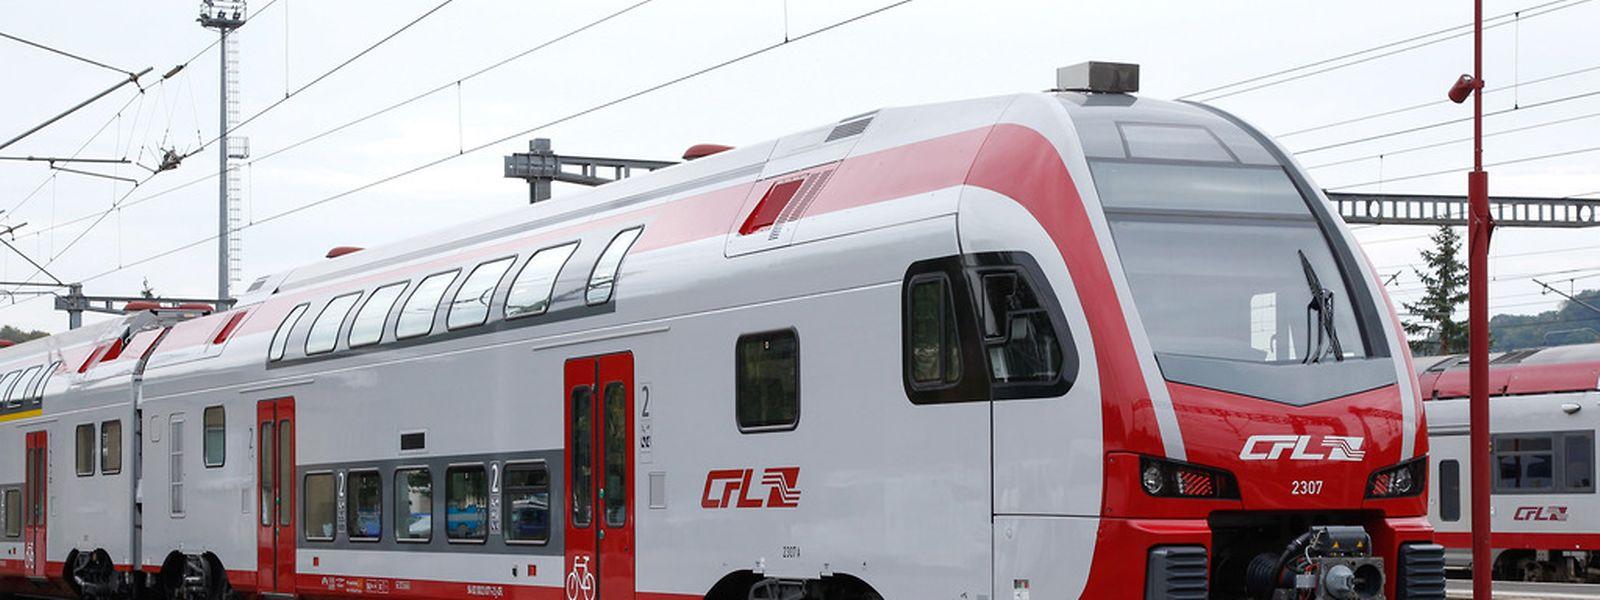 Einige Züge auf der Strecke Luxemburg - Trier fahren ab Montag einige Minuten früher oder später ab.